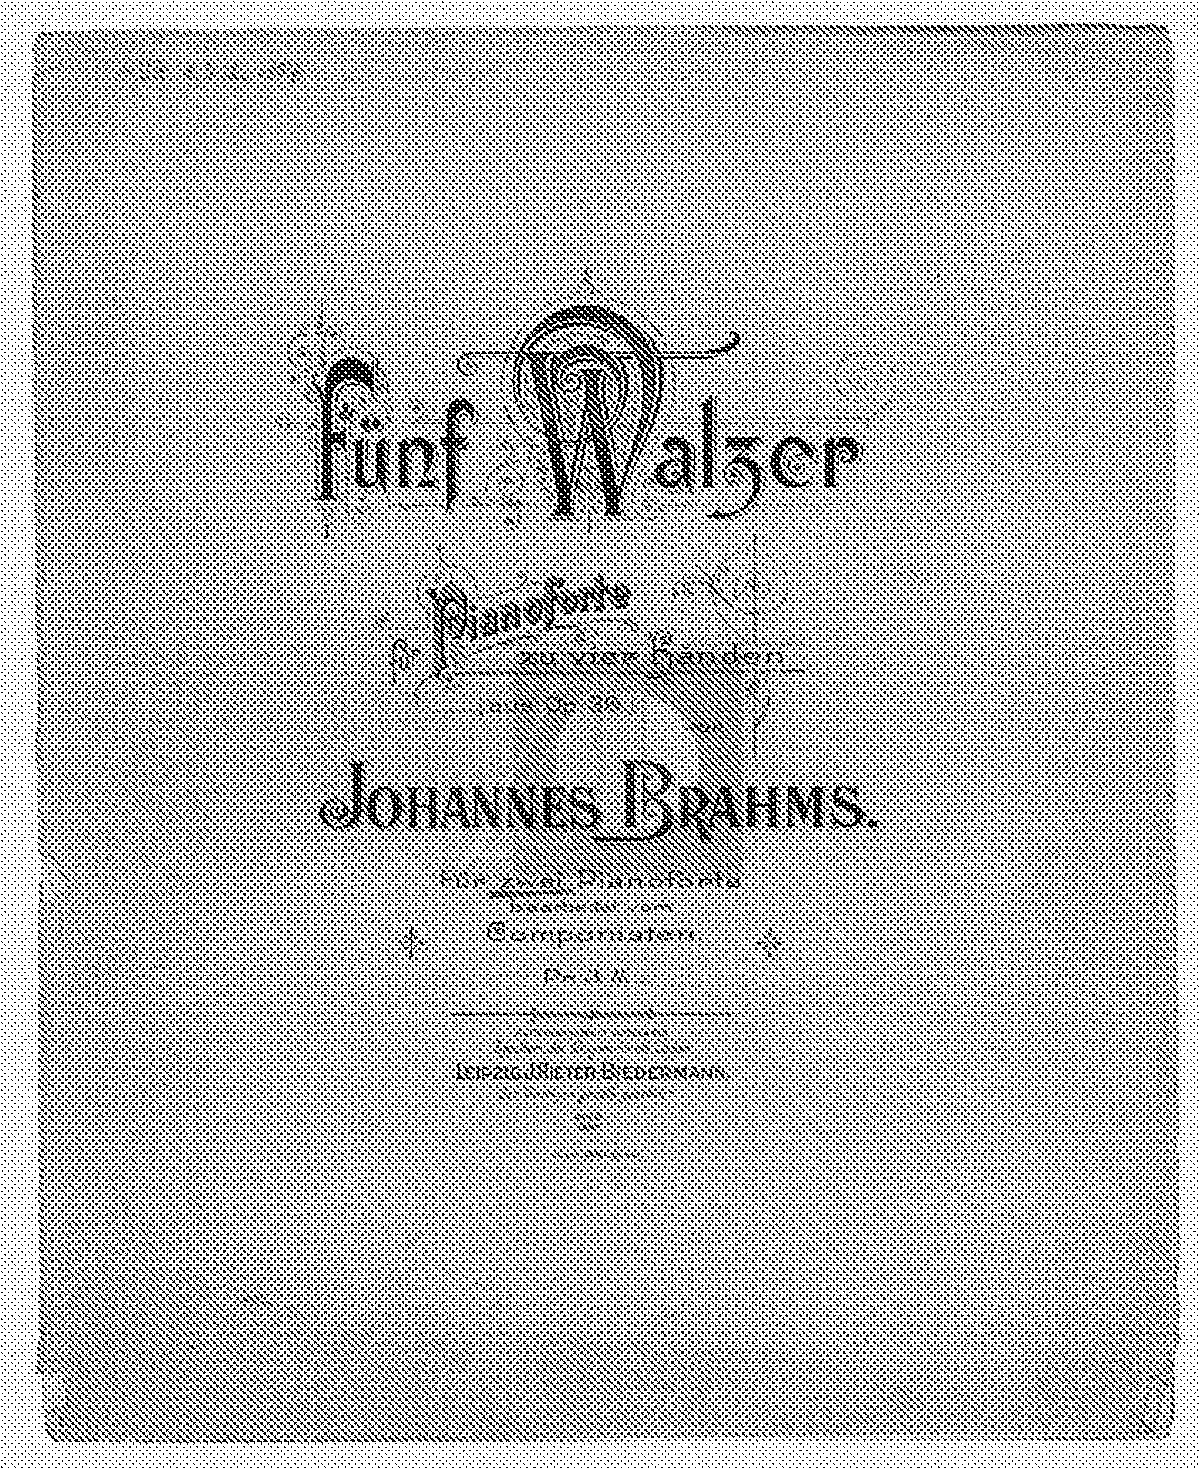 Free Sheet Music Public Domain: 16 Waltzes, Op.39 (Brahms, Johannes)